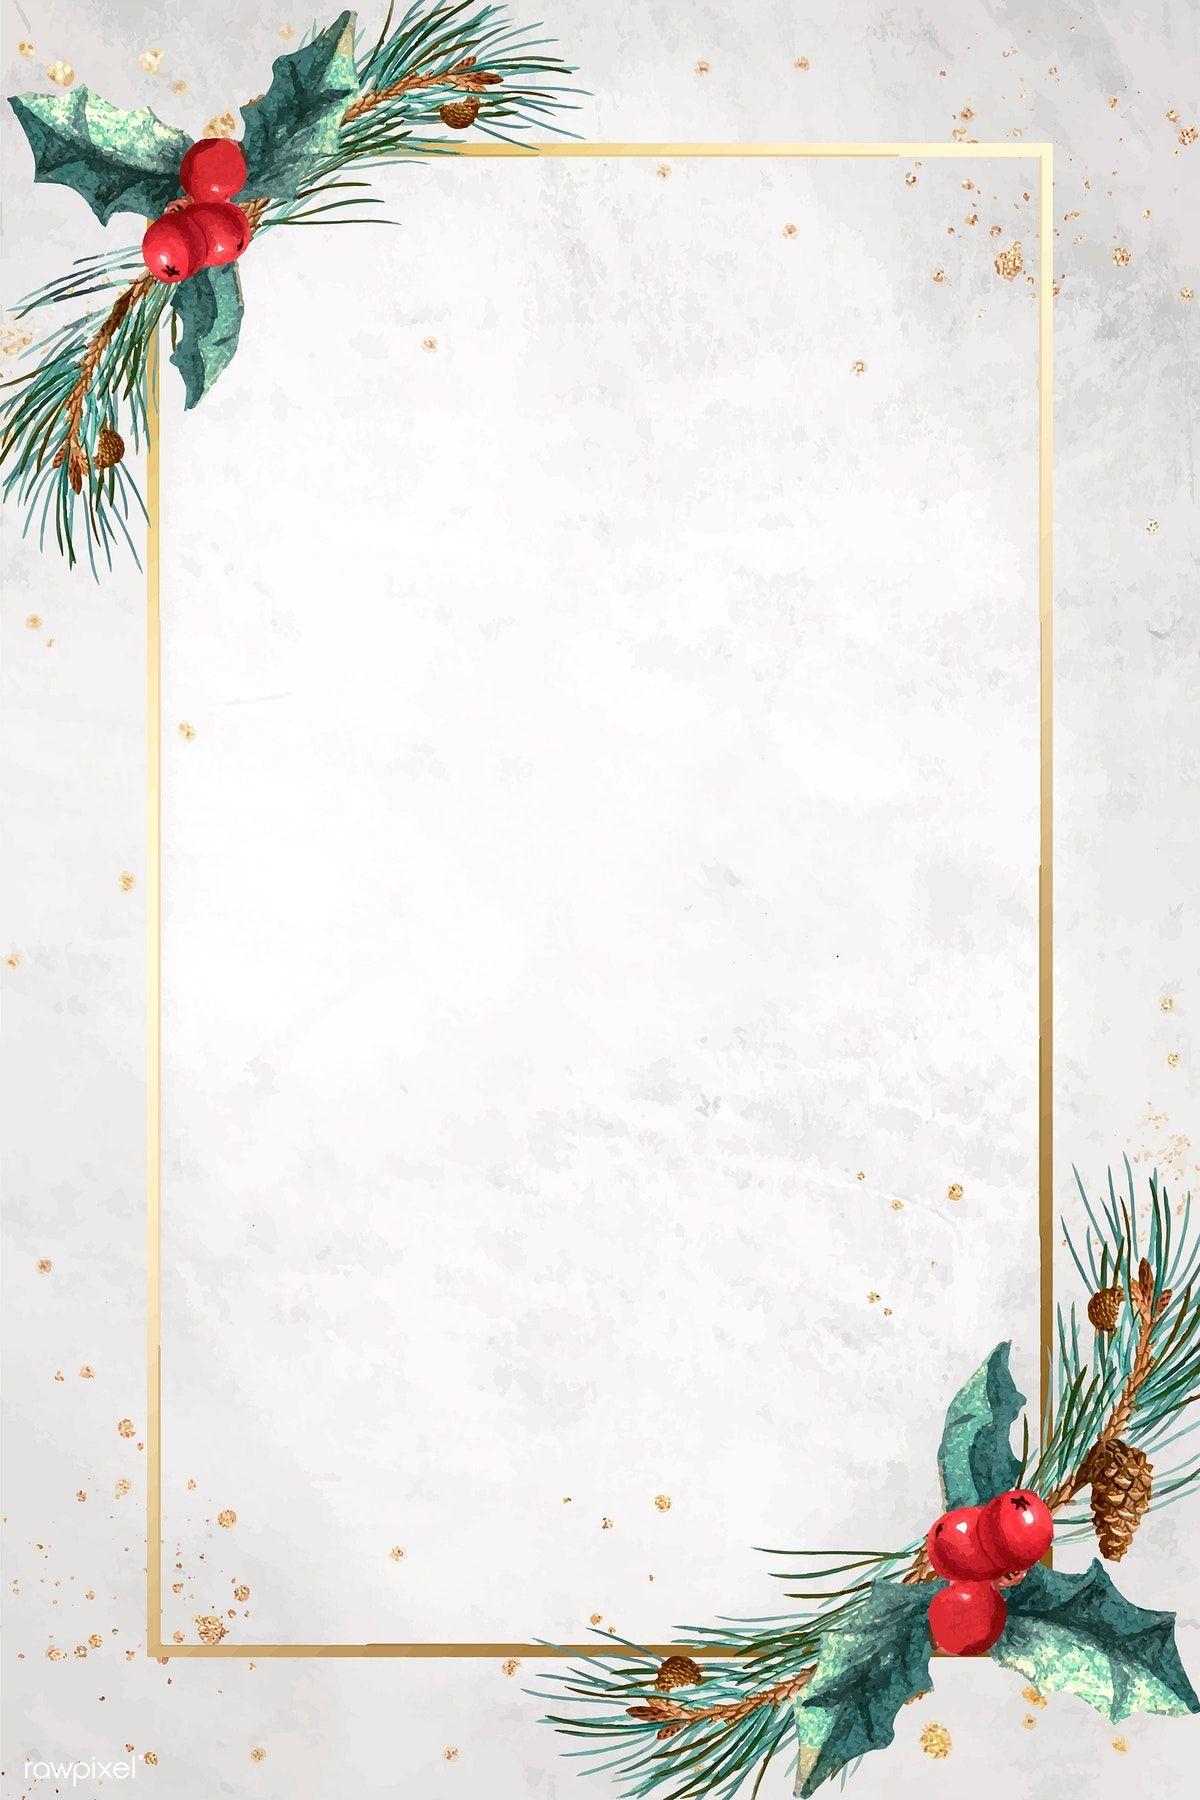 Download premium vector of Golden rectangle Christmas